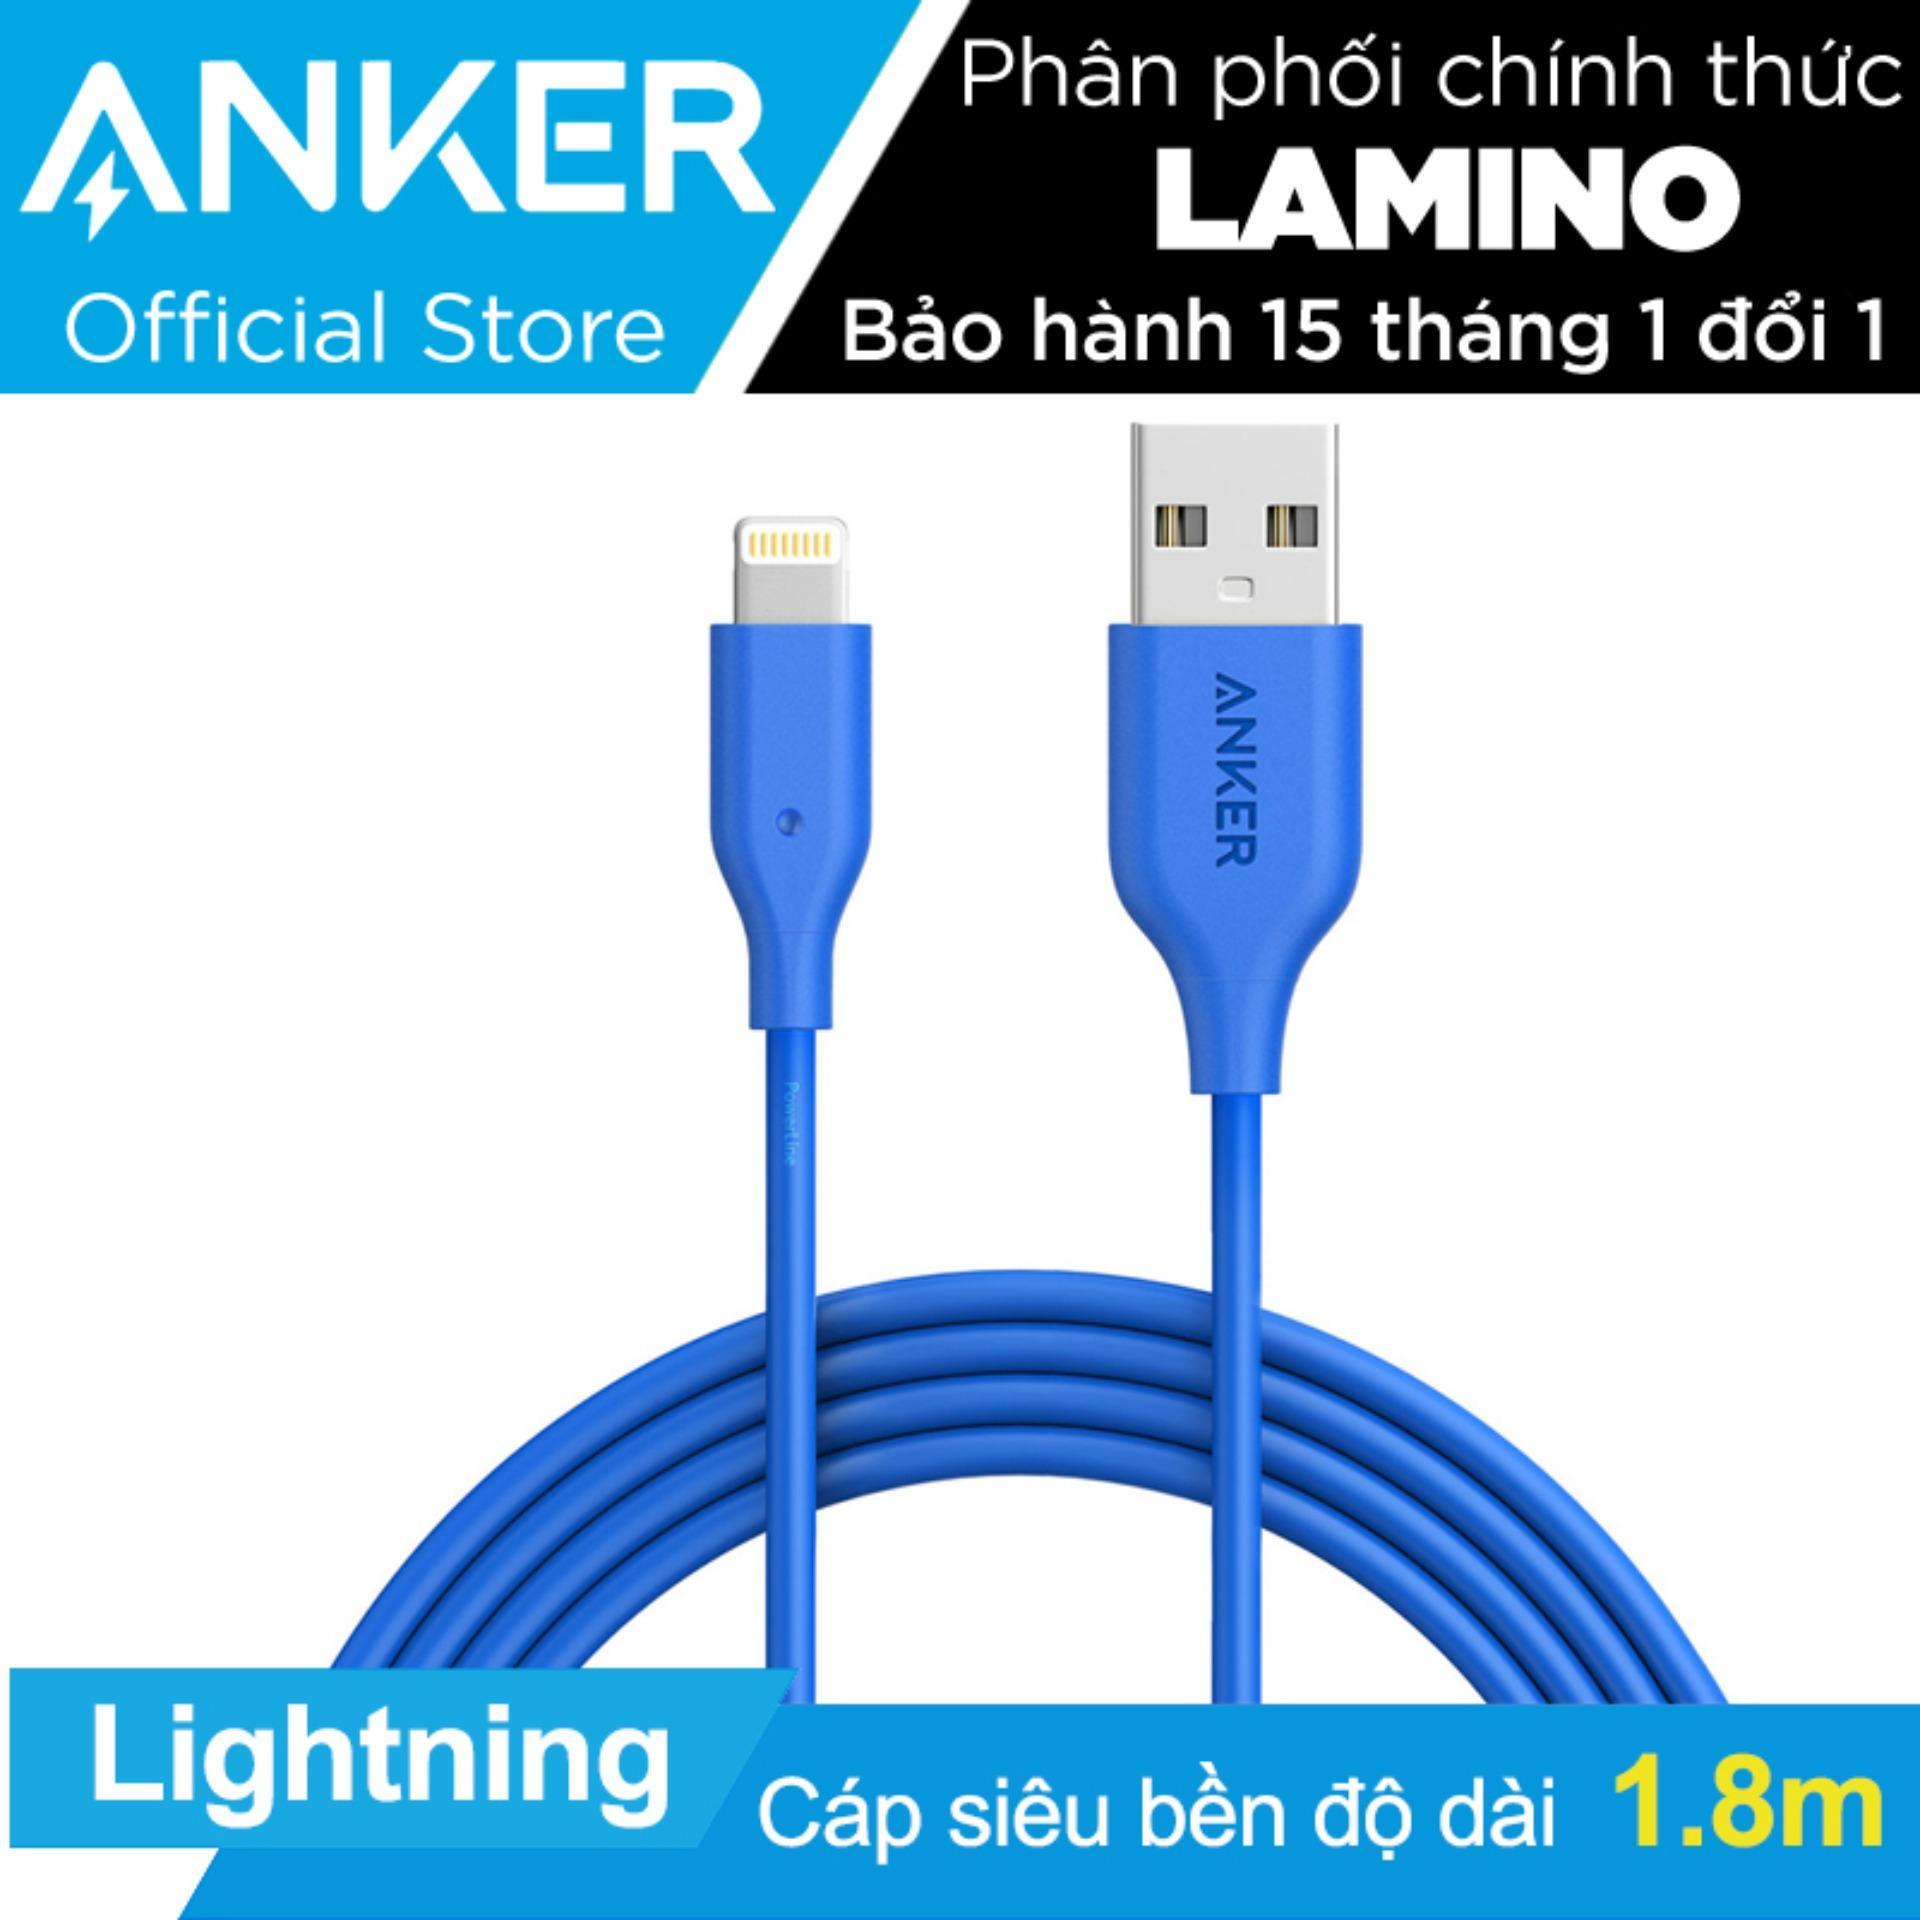 Bán Cap Sạc Sieu Bền Anker Powerline Lightning 1 8M Cho Iphone Ipad Ipod Xanh Dương Hang Phan Phối Chinh Thức Anker Nguyên